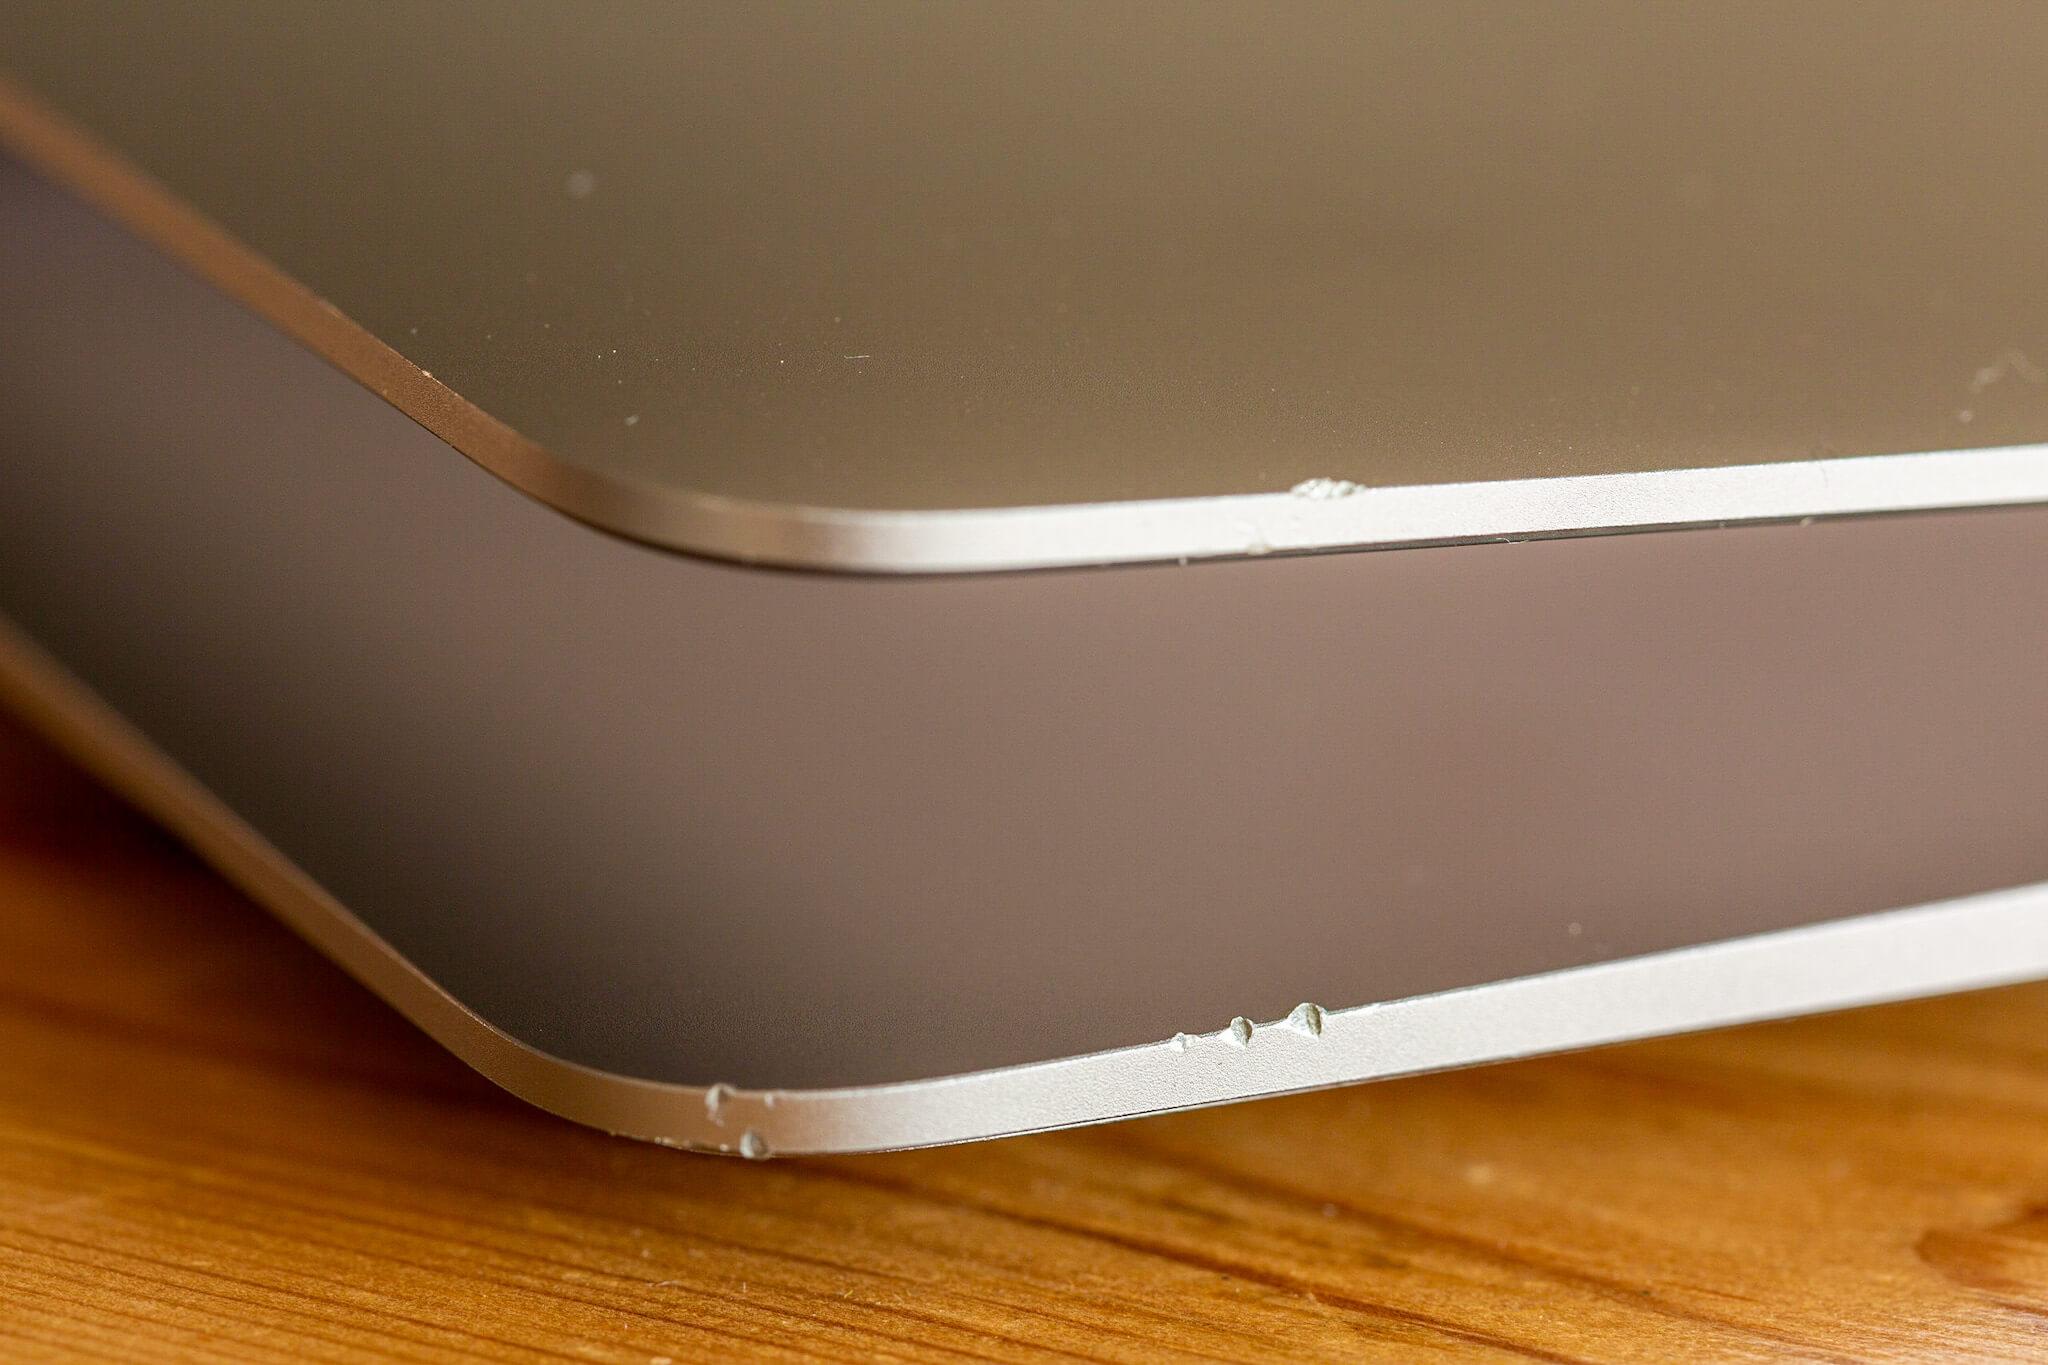 M1 MacBook Air review